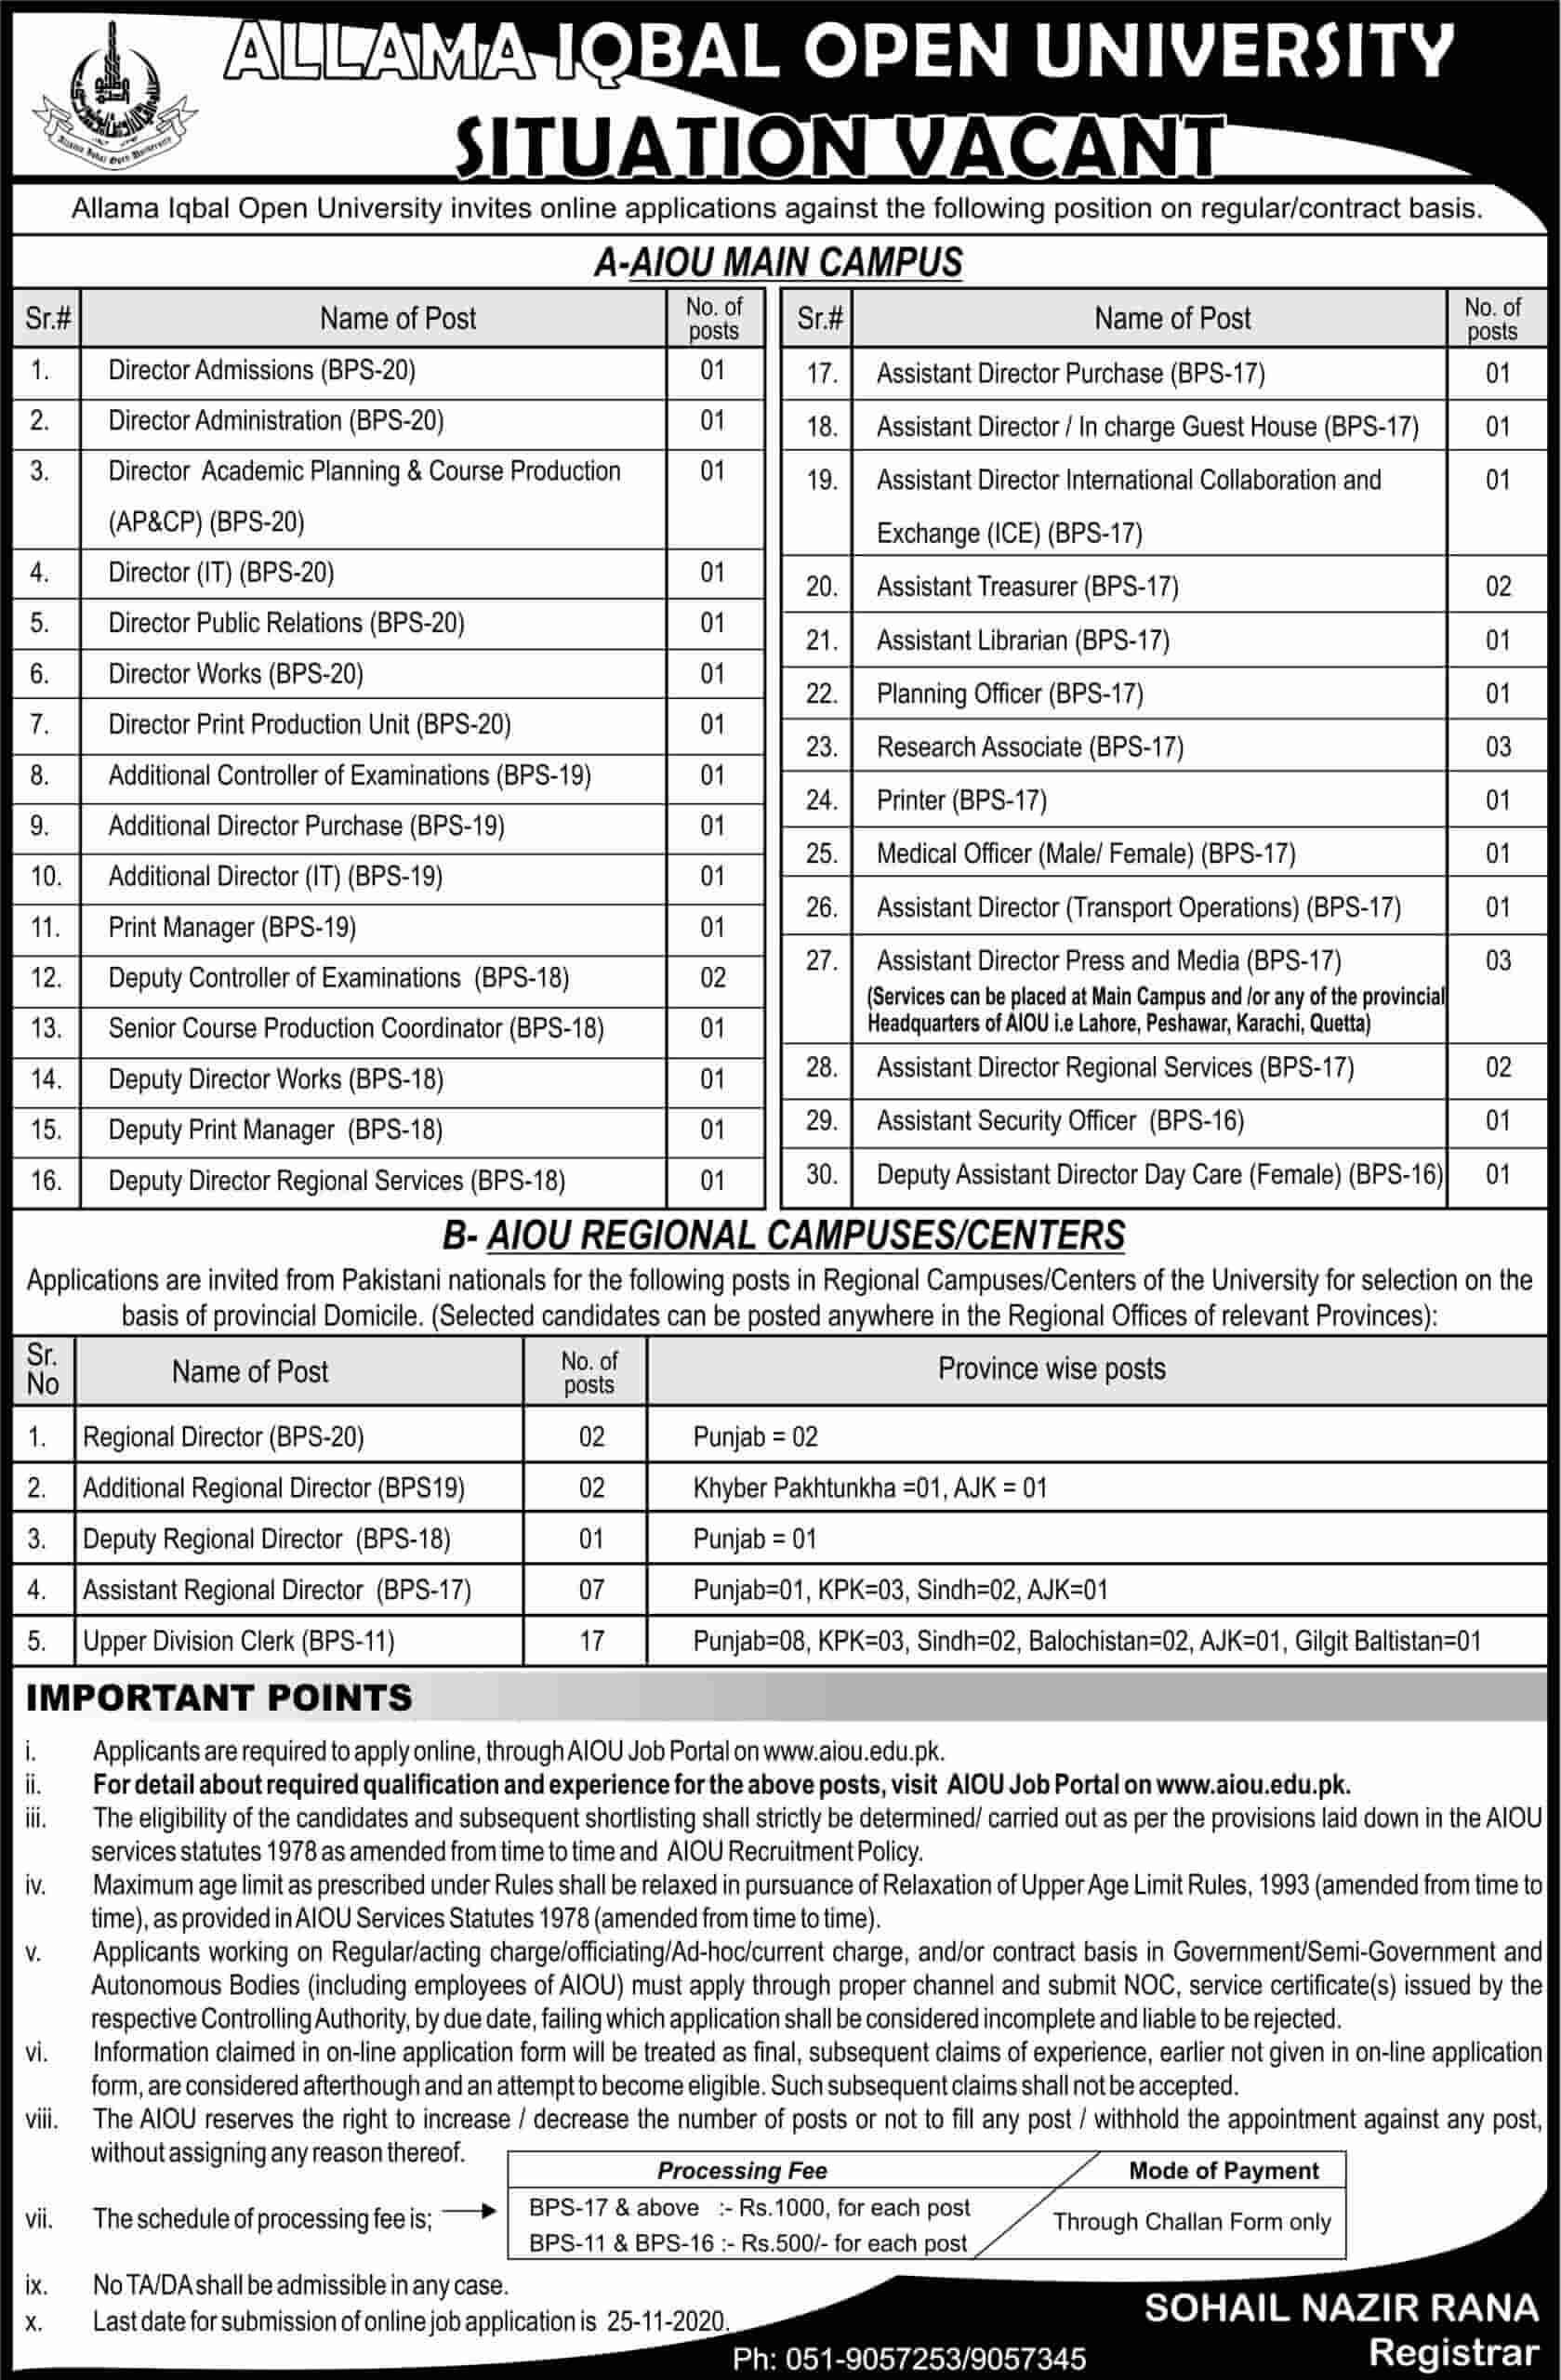 New AIOU Jobs 2020 apply now